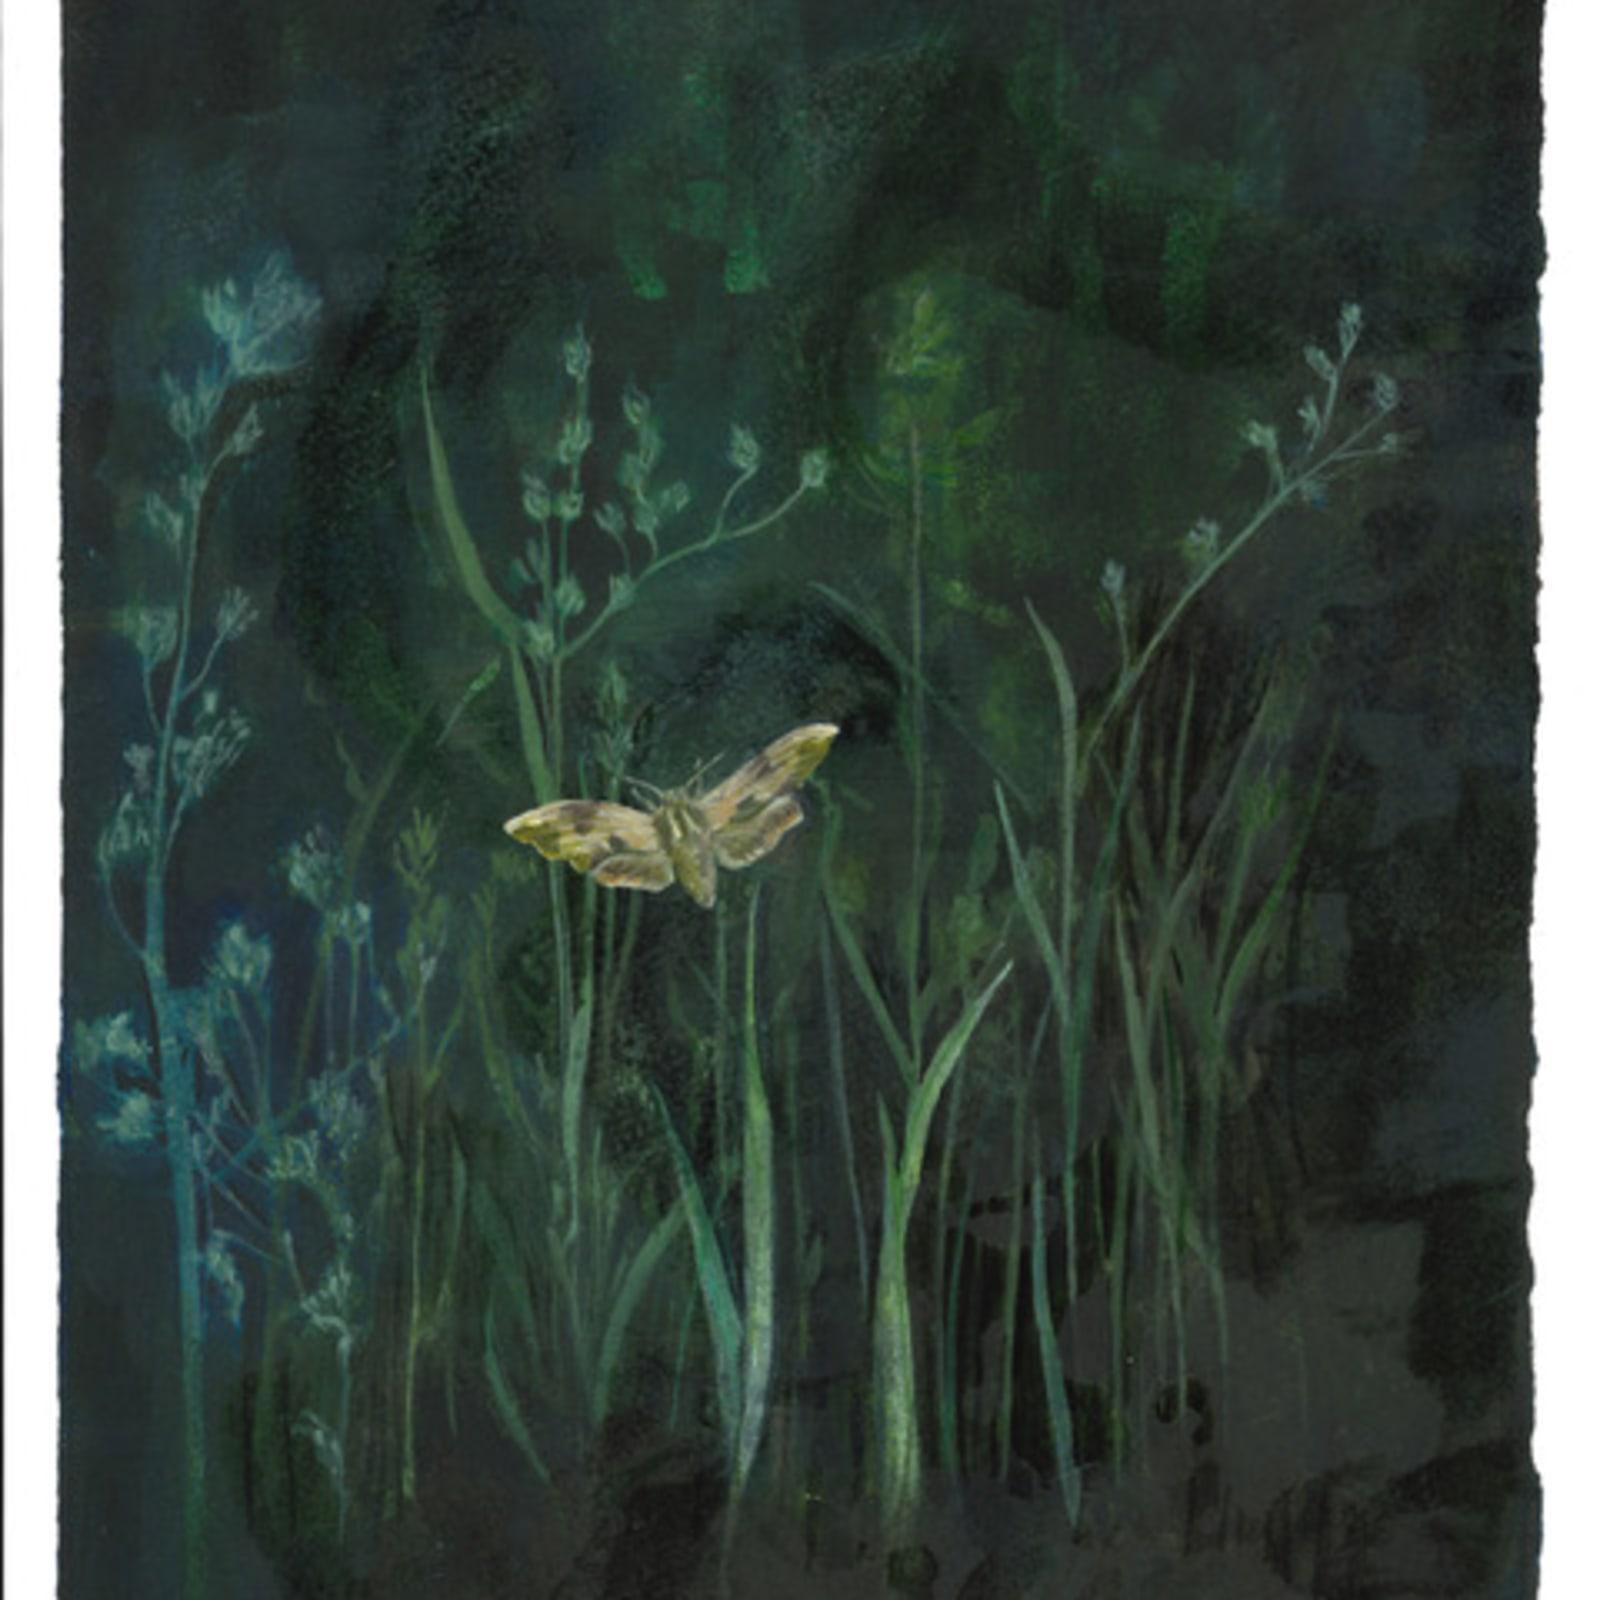 Melanie Miller, Night Garden I, 2020